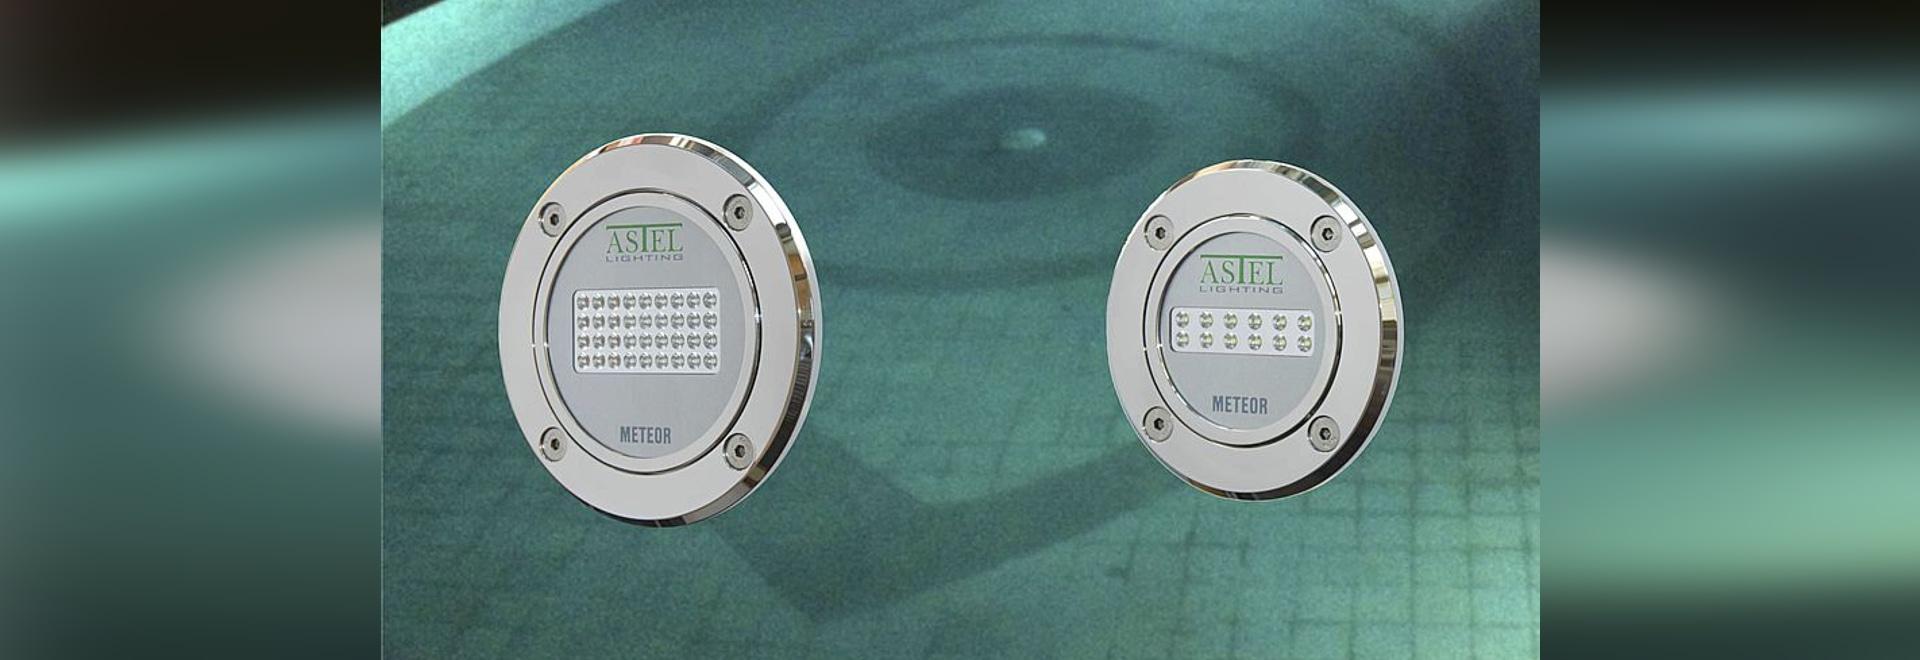 Underwater Pool LED Lights METEOR - Meet us at PISCINE GLOBAL!